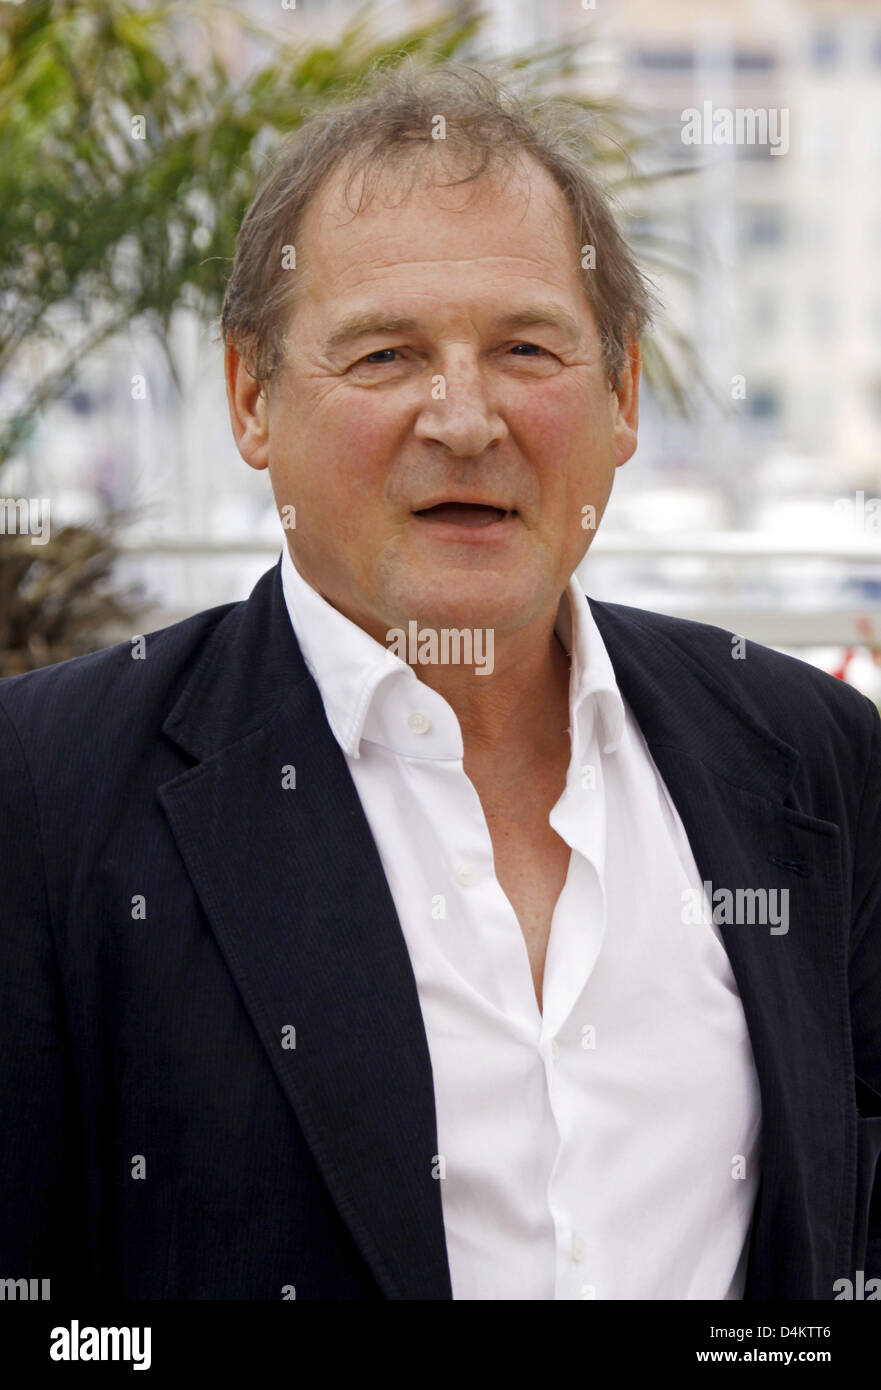 Schauspieler Burghart Klaußner posiert vor der Pressekonferenz auf dem Film? Das weiße Band? bei den 62. Stockbild